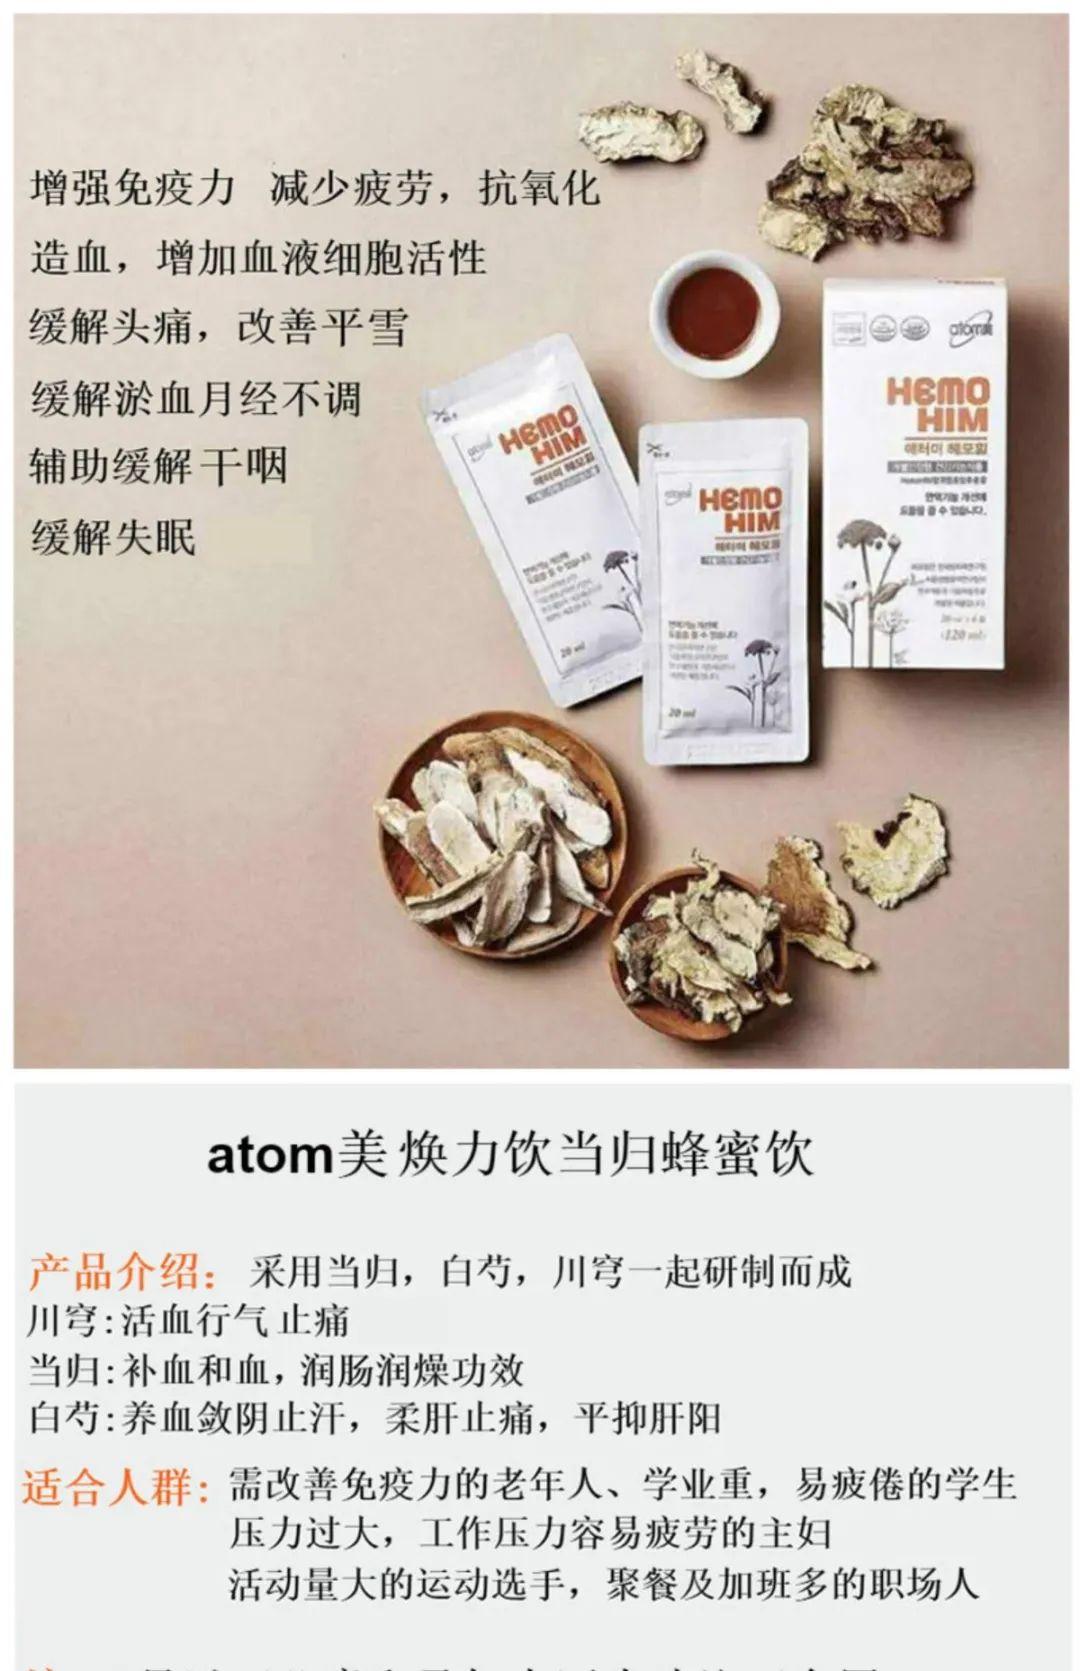 无中文标识、含不得加入普通食品的原料,艾多美产品不符合我国食品安全标准?